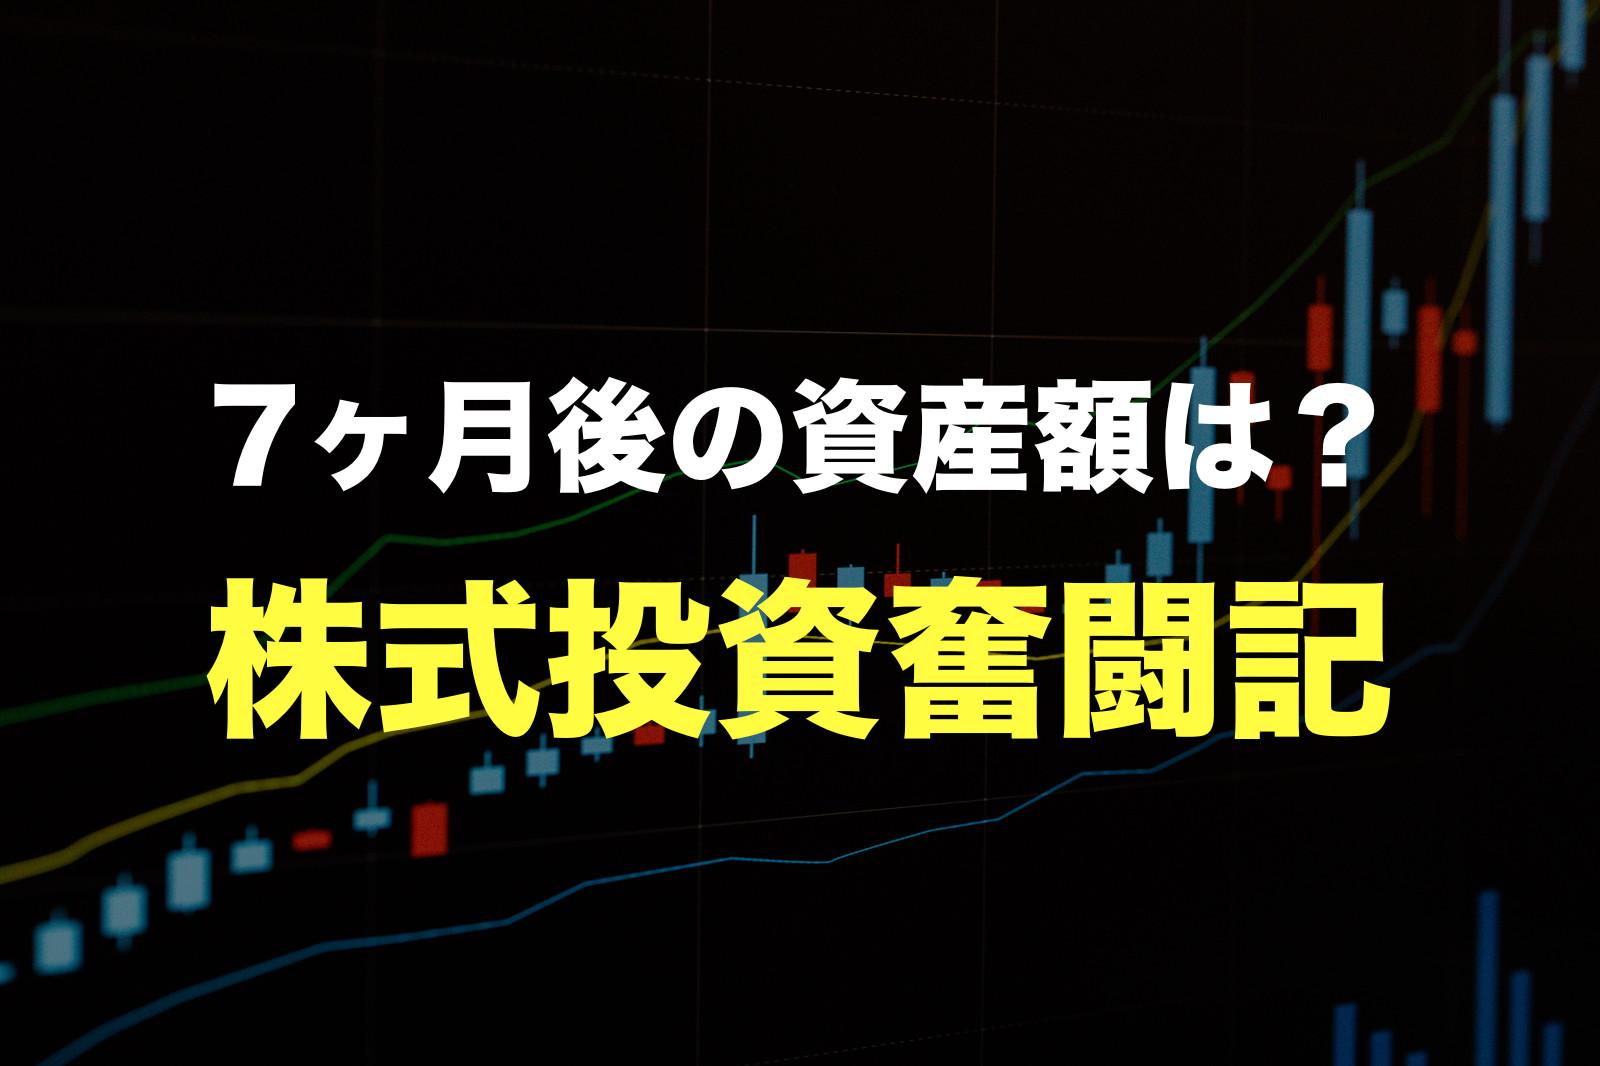 7ヶ月で株の儲けはいくら増えた? 損切りのタイミングを思案中(株式投資奮闘記 その8)